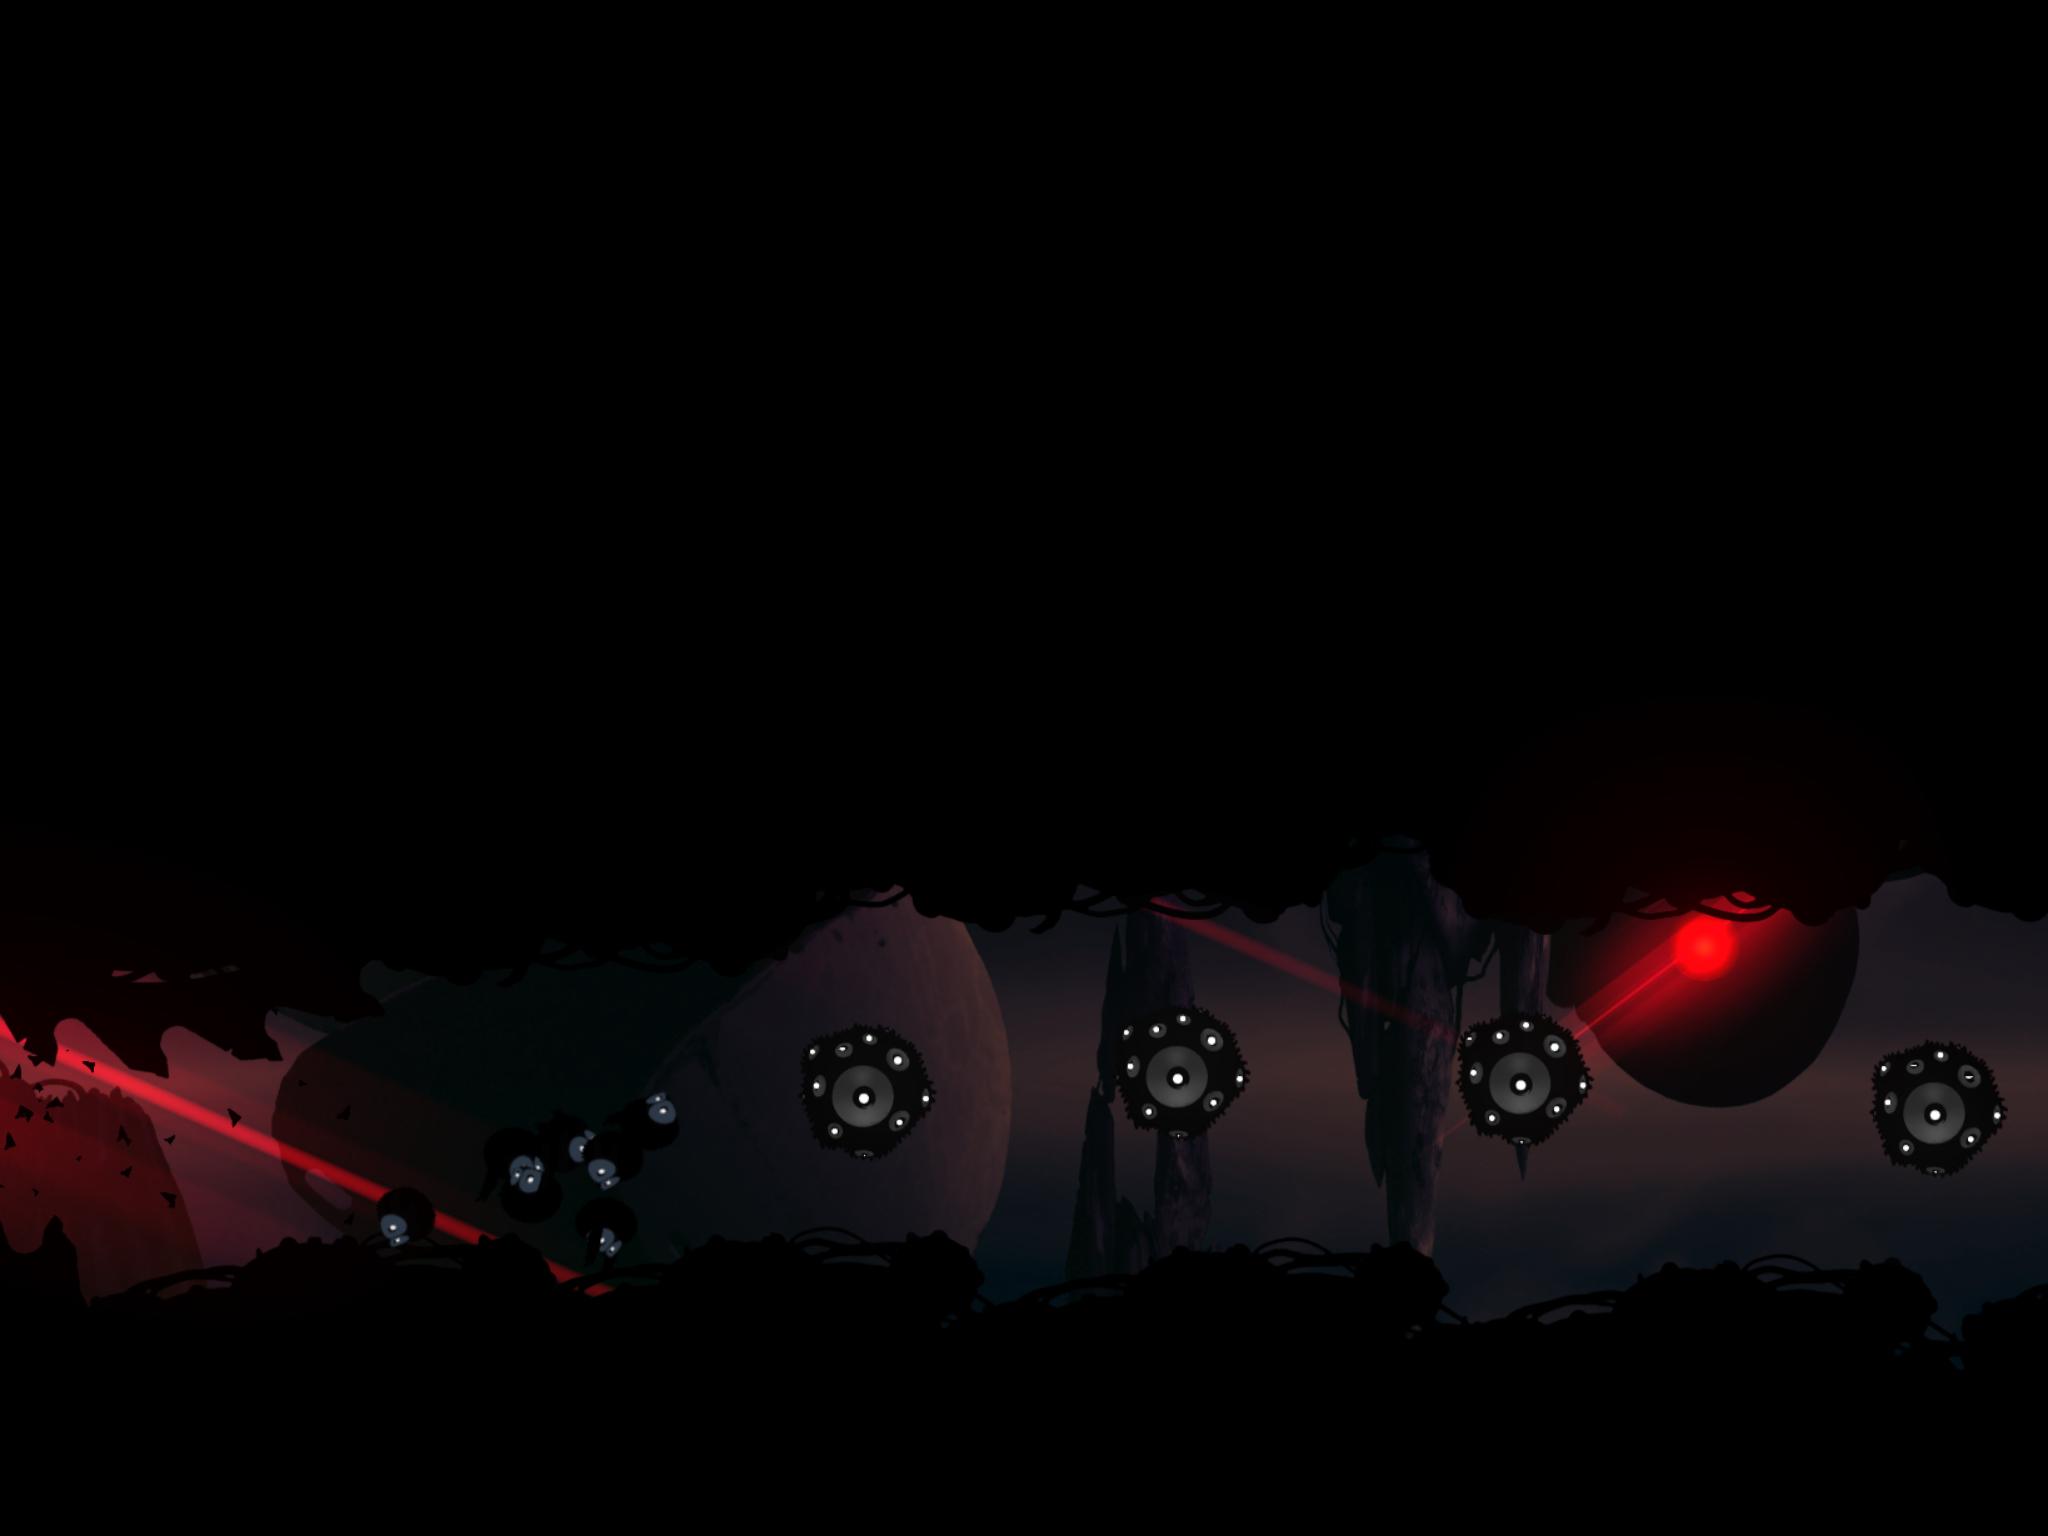 Dunder-screenshot.jpg